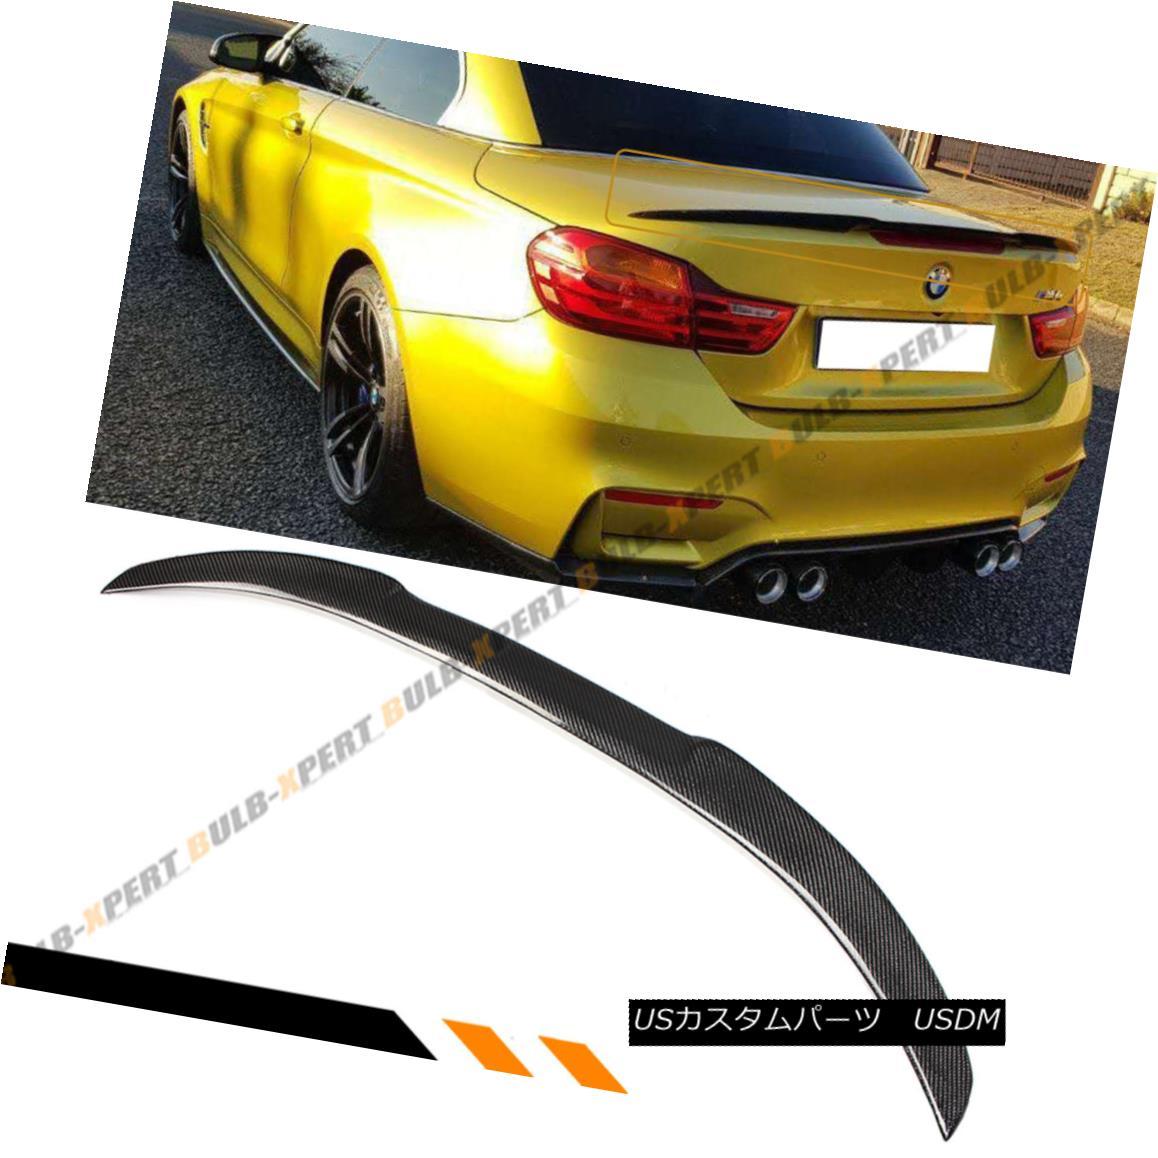 エアロパーツ FOR 2014-18 BMW F33 CONVERTIBLE COUPE CARBON FIBER TRUNK SPOILER WING- M4 STYLE BMW F33コンバチブルクーペカーボンファイバートランクスポイラーウイング - M4スタイル用